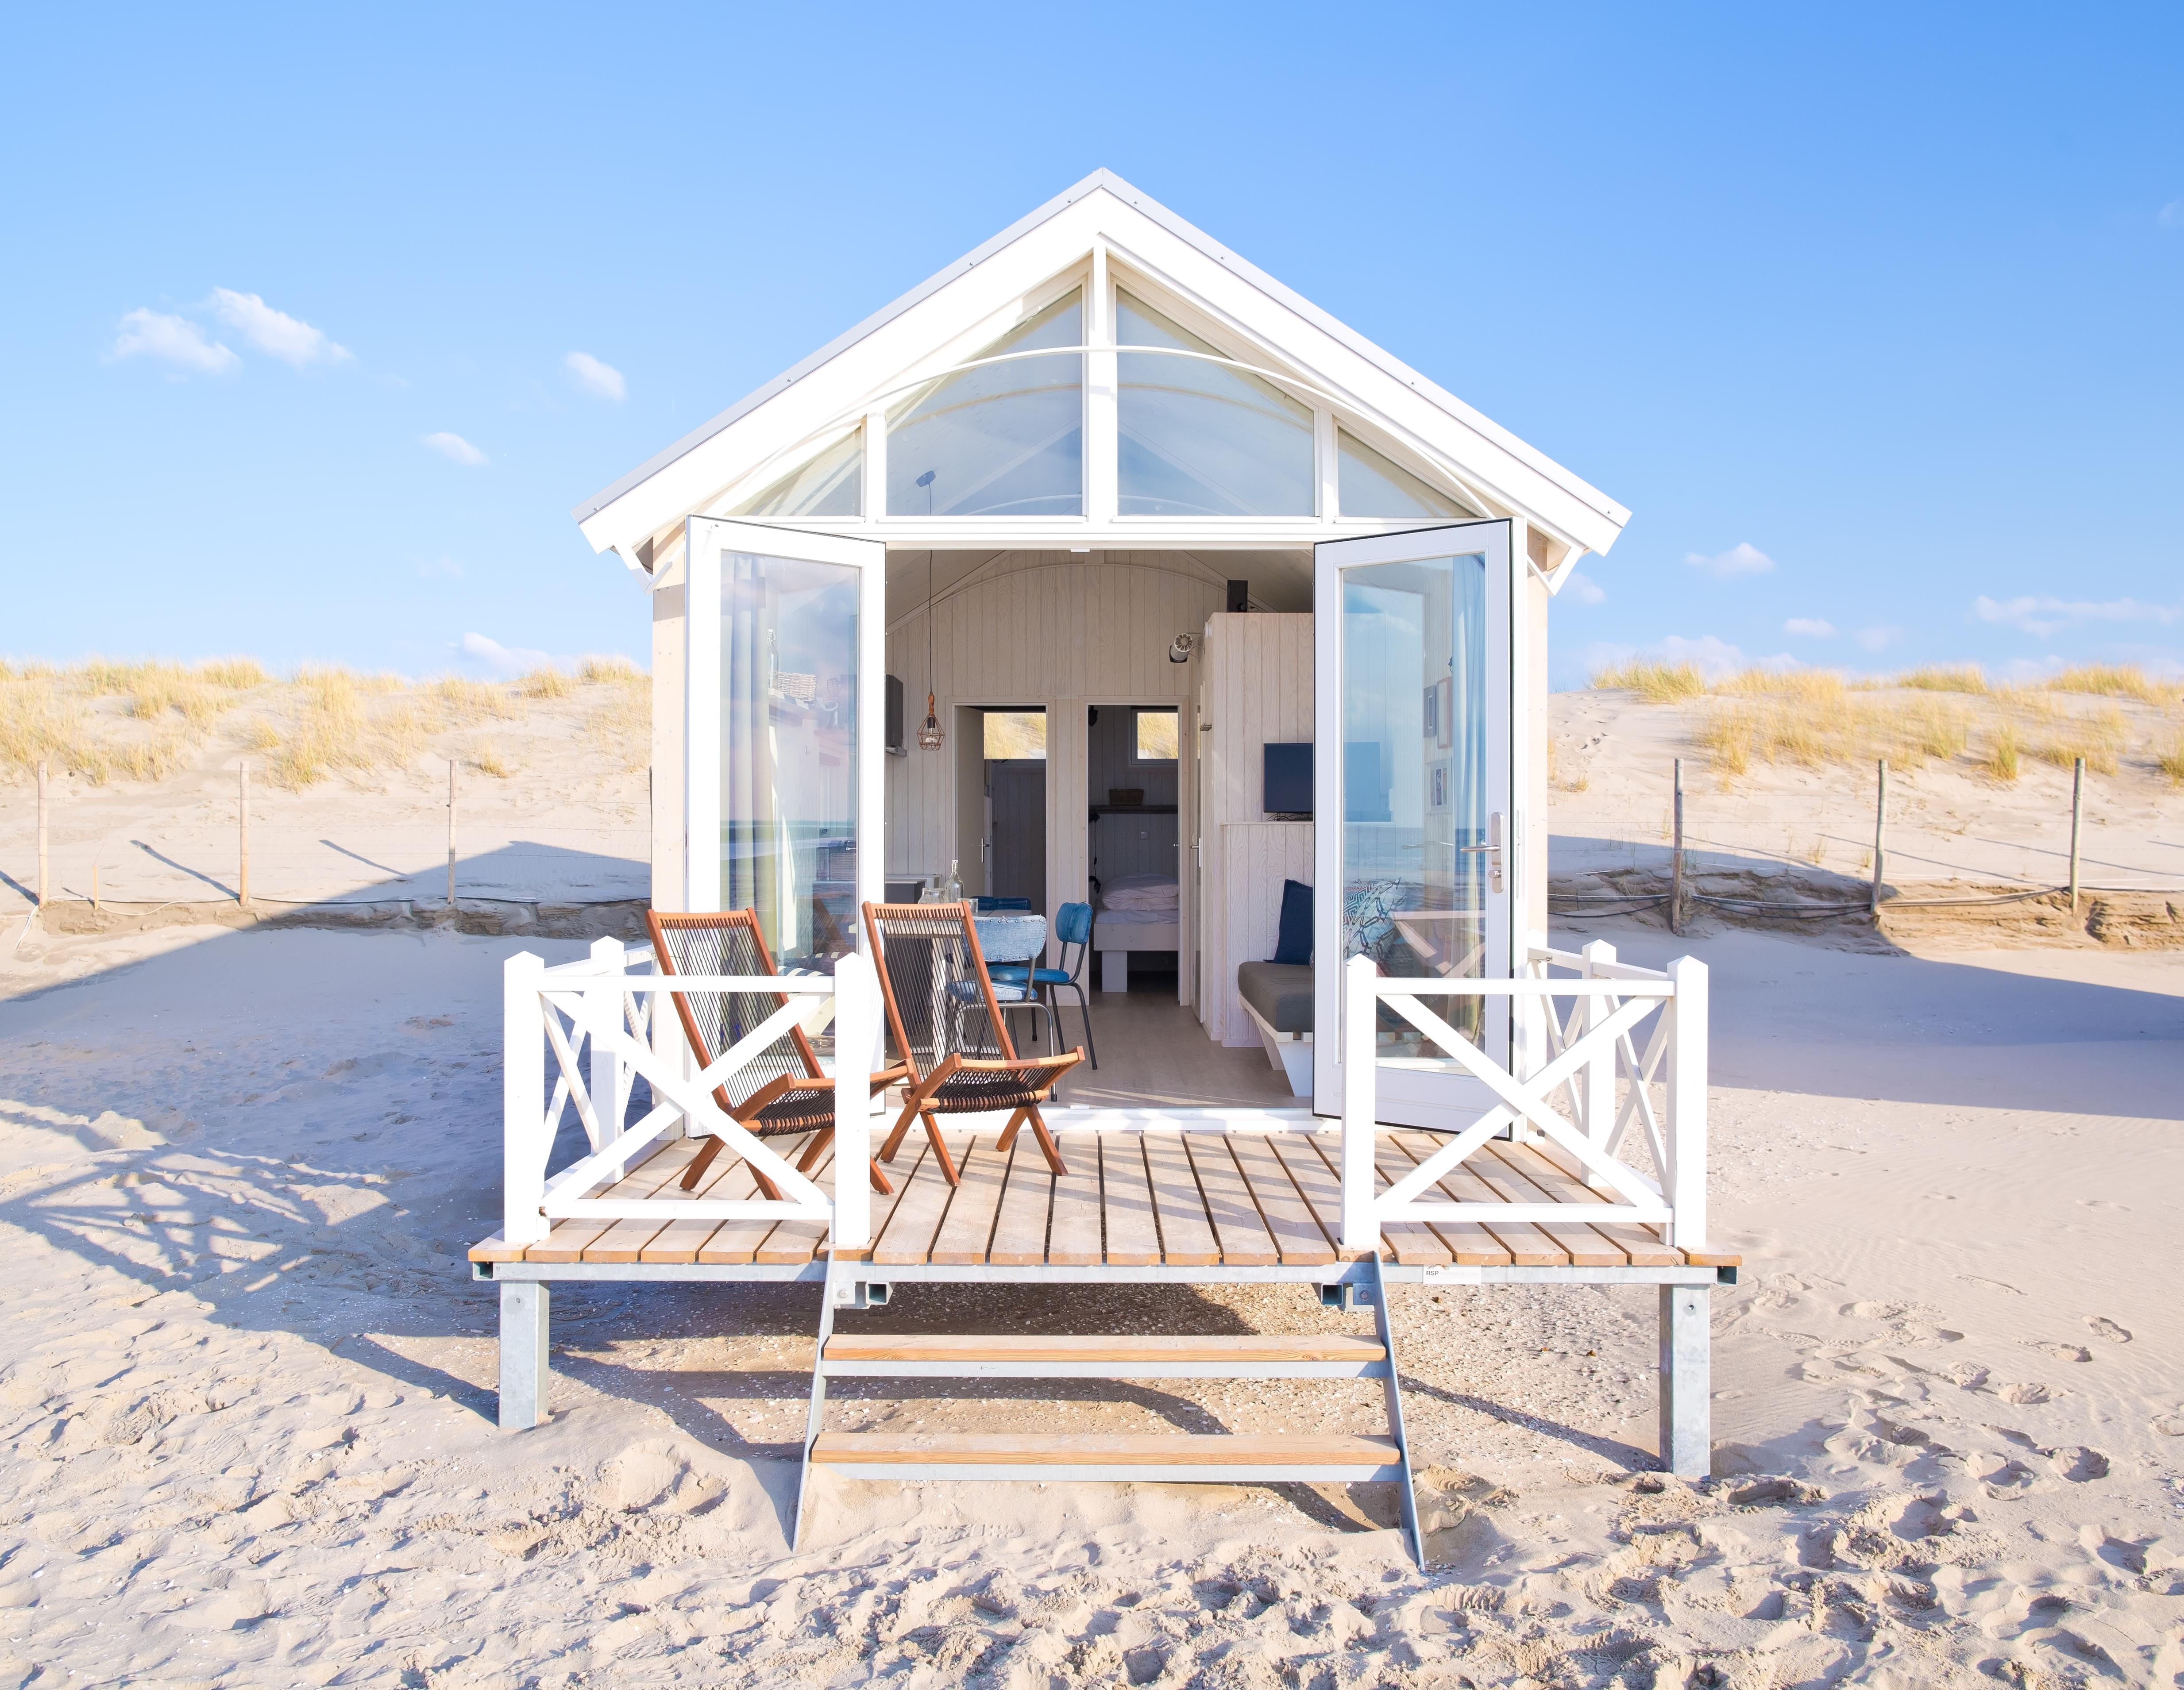 haagse strandhuisjes mytravelboektje. Black Bedroom Furniture Sets. Home Design Ideas